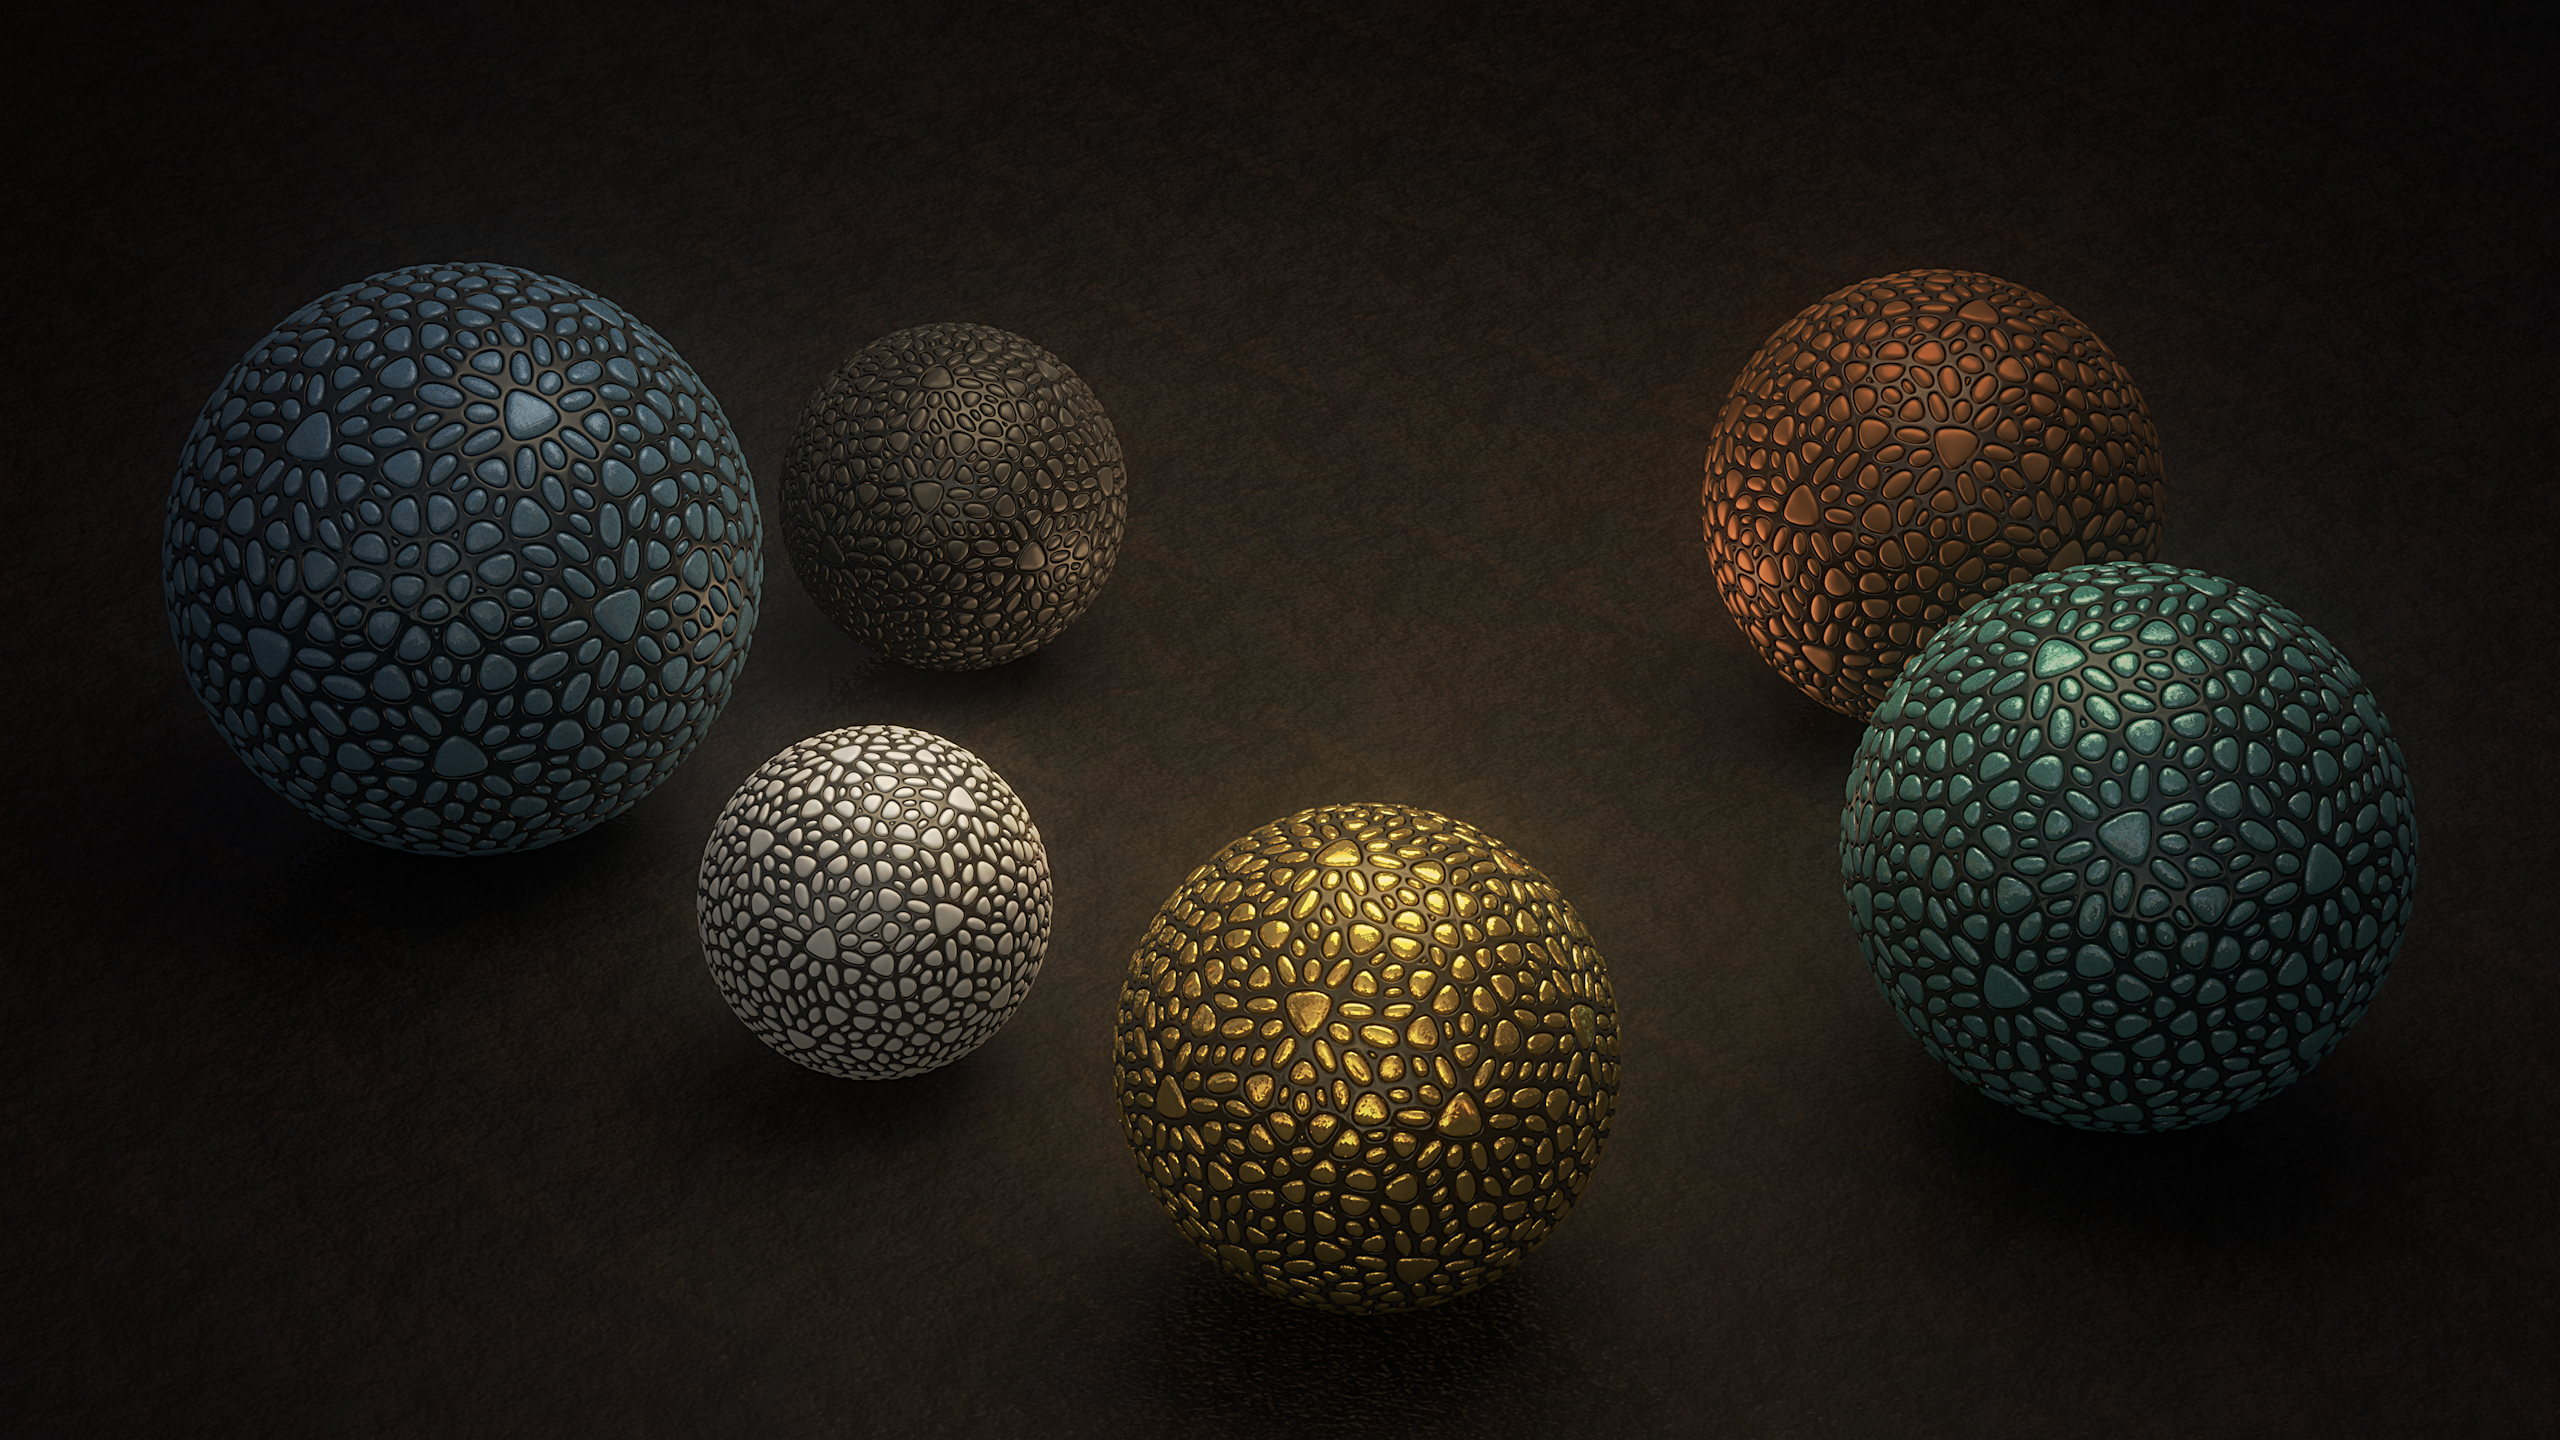 Abstract Ball 2560x1440